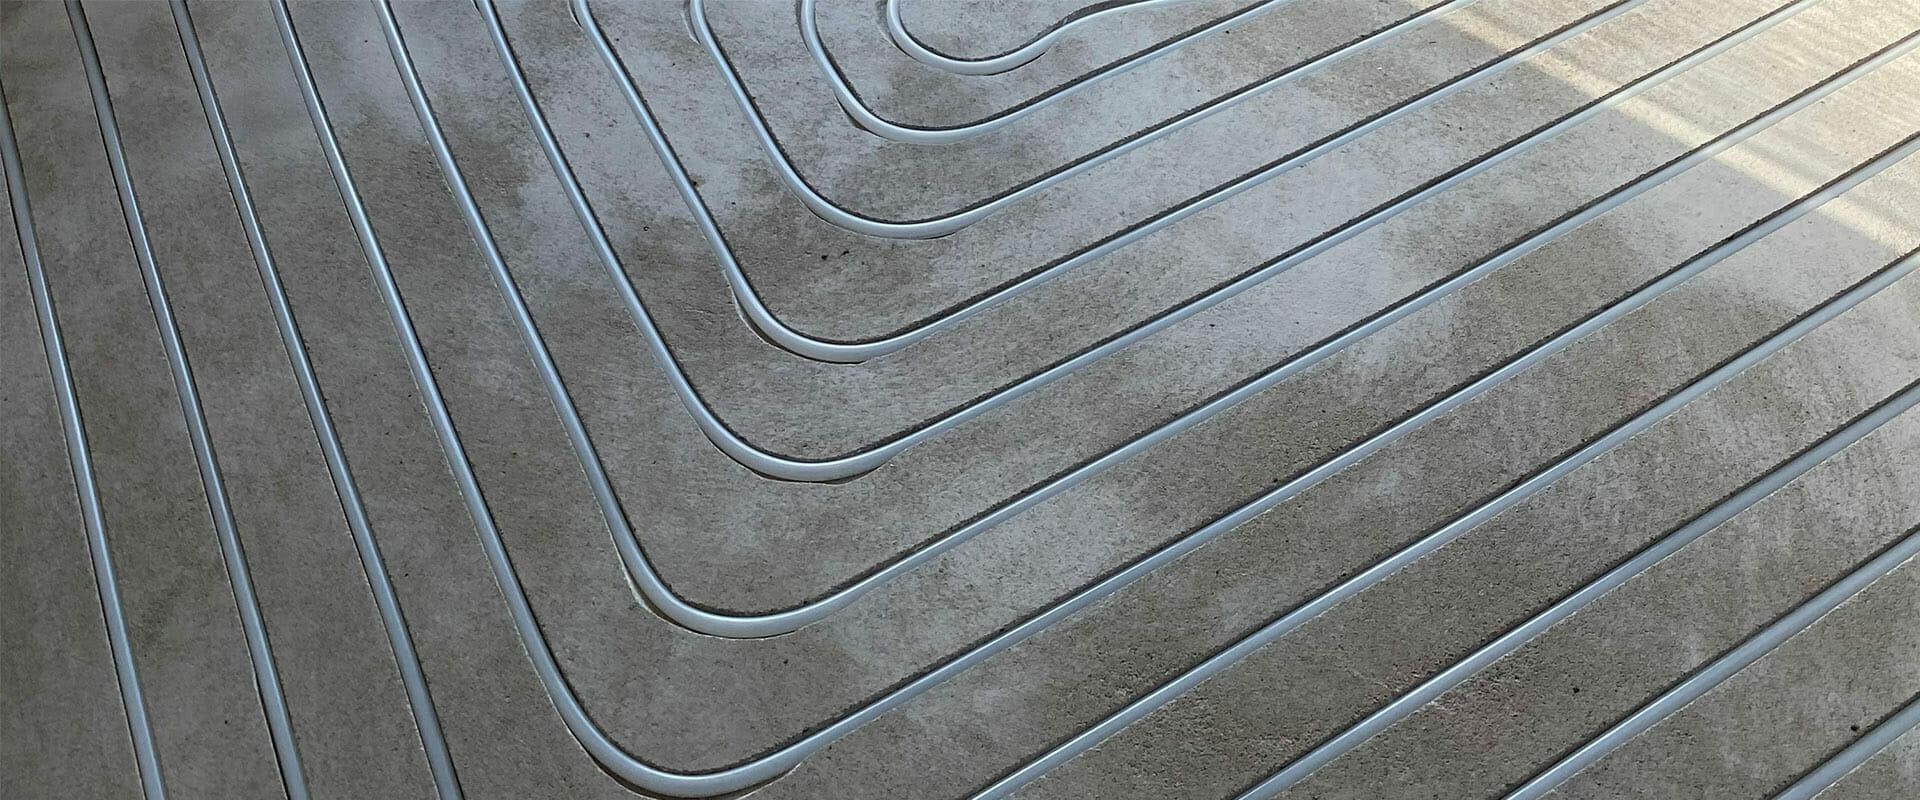 Preise & Kosten für das nachträgliche Fräsen einer Fußbodenheizung